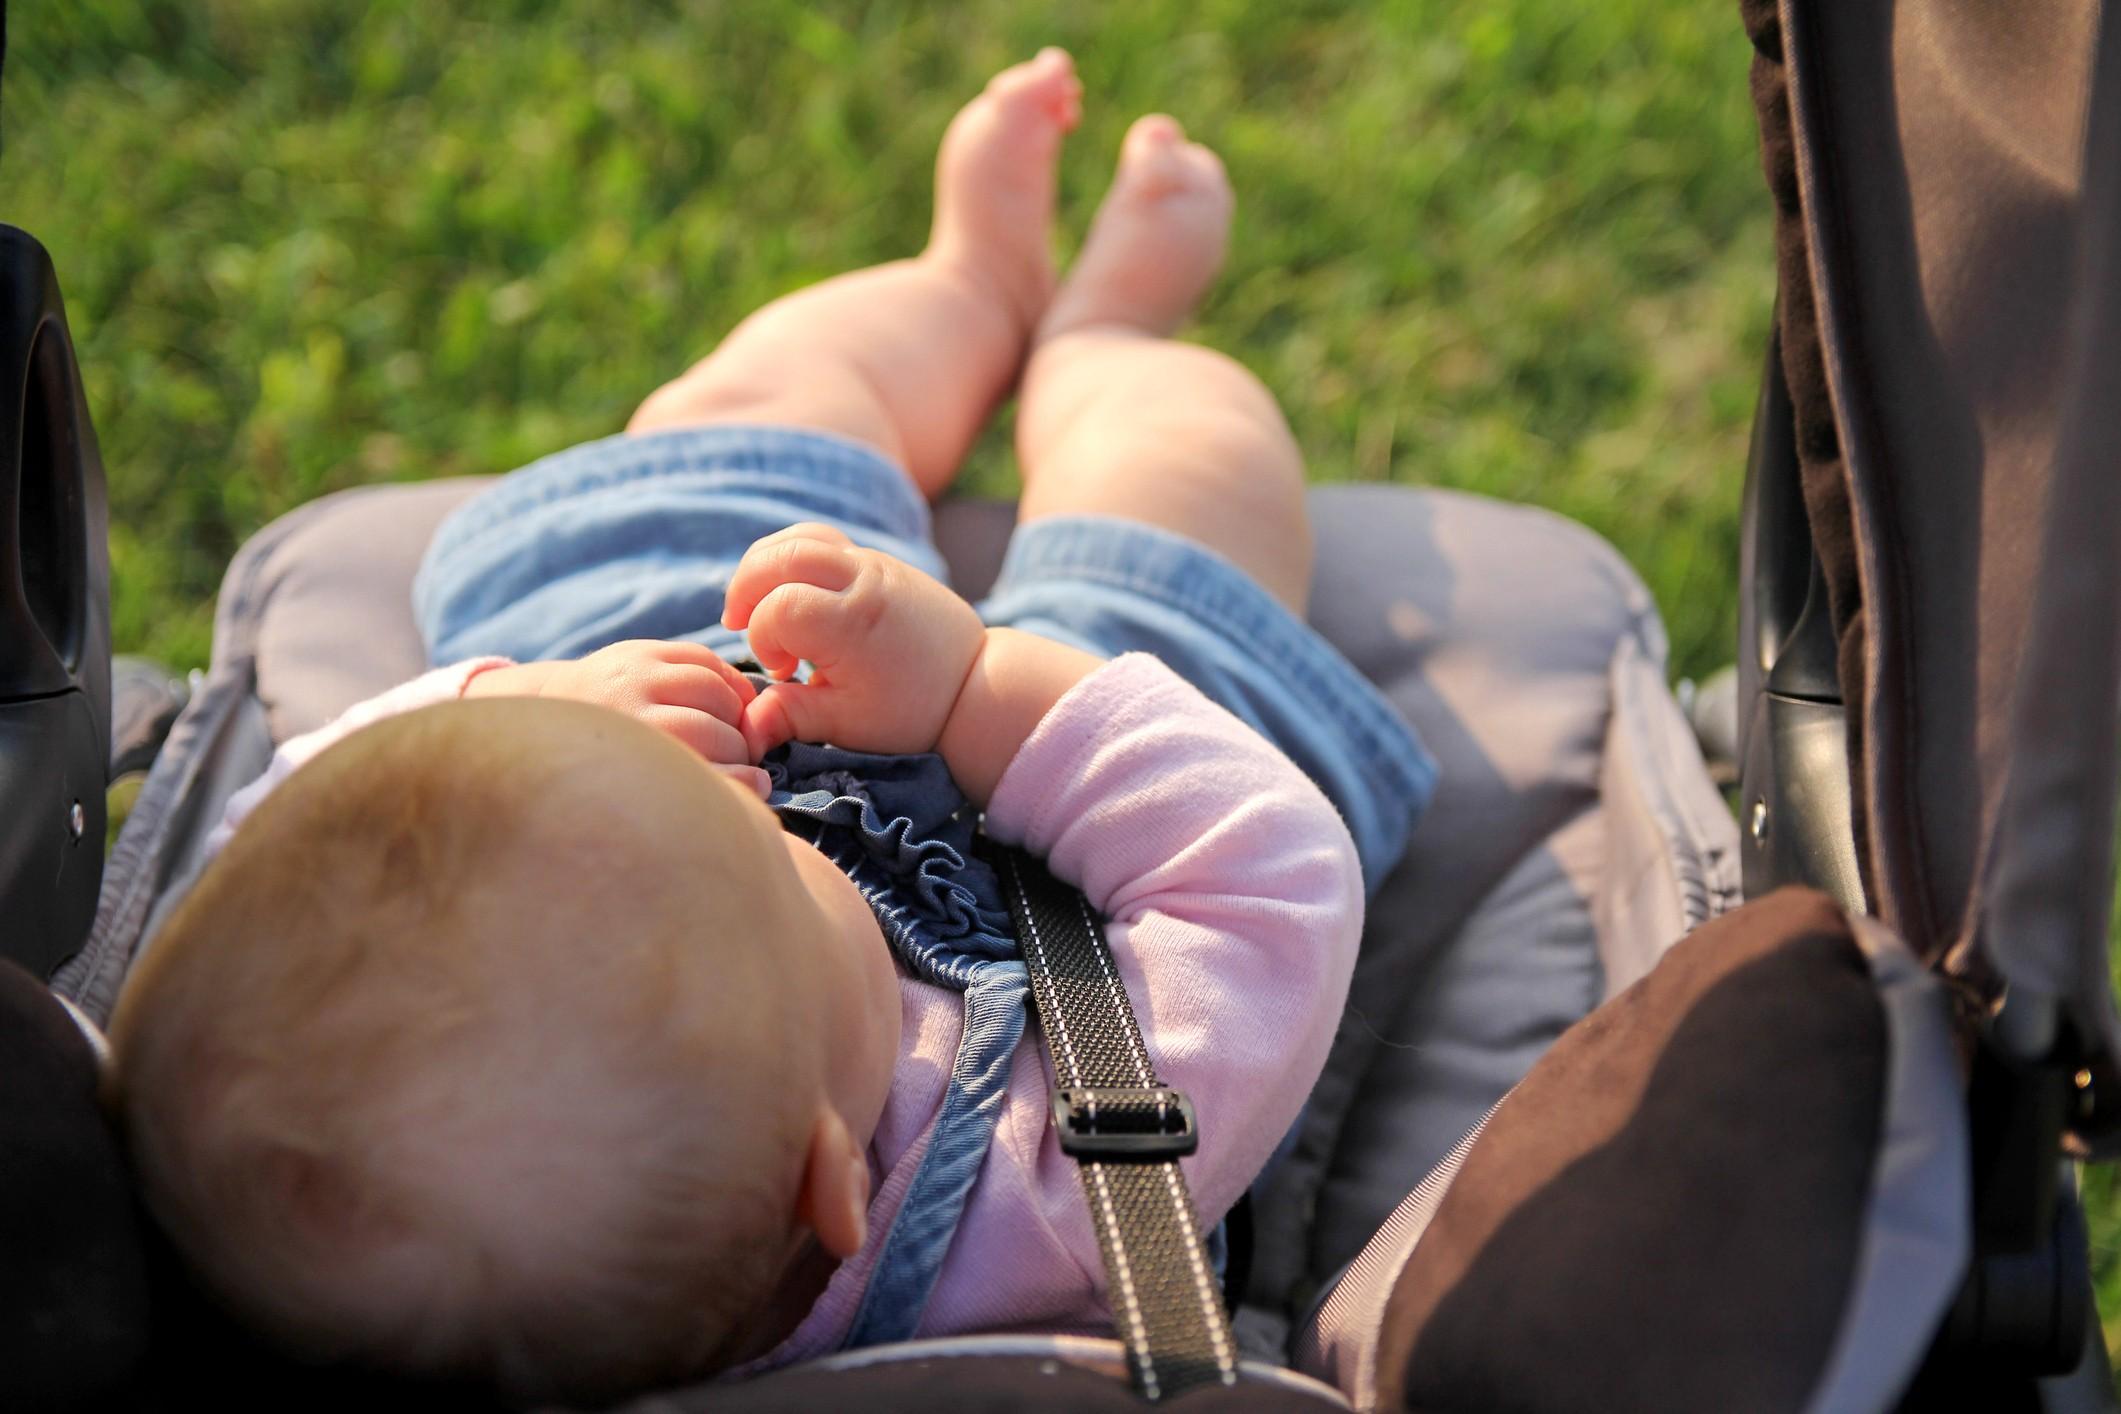 2 meses é o tempo médio que os pais esperam para passear com o bebê (Foto: Thinkstock)